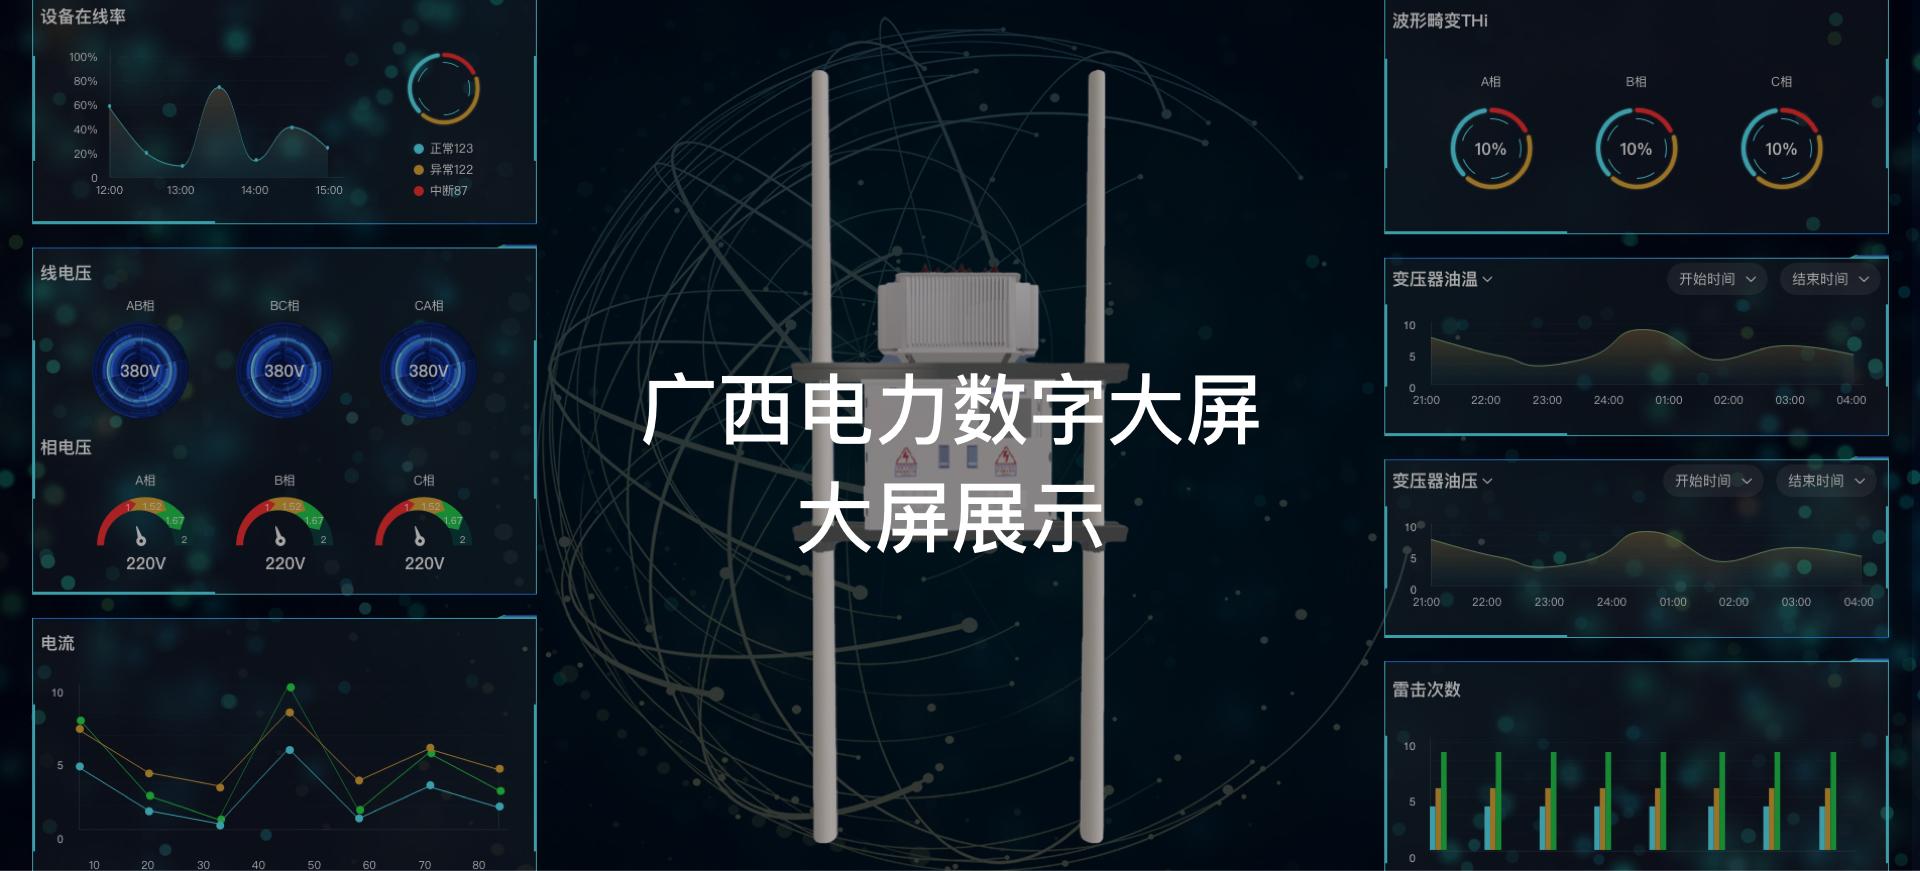 广西电网备份 4.jpg